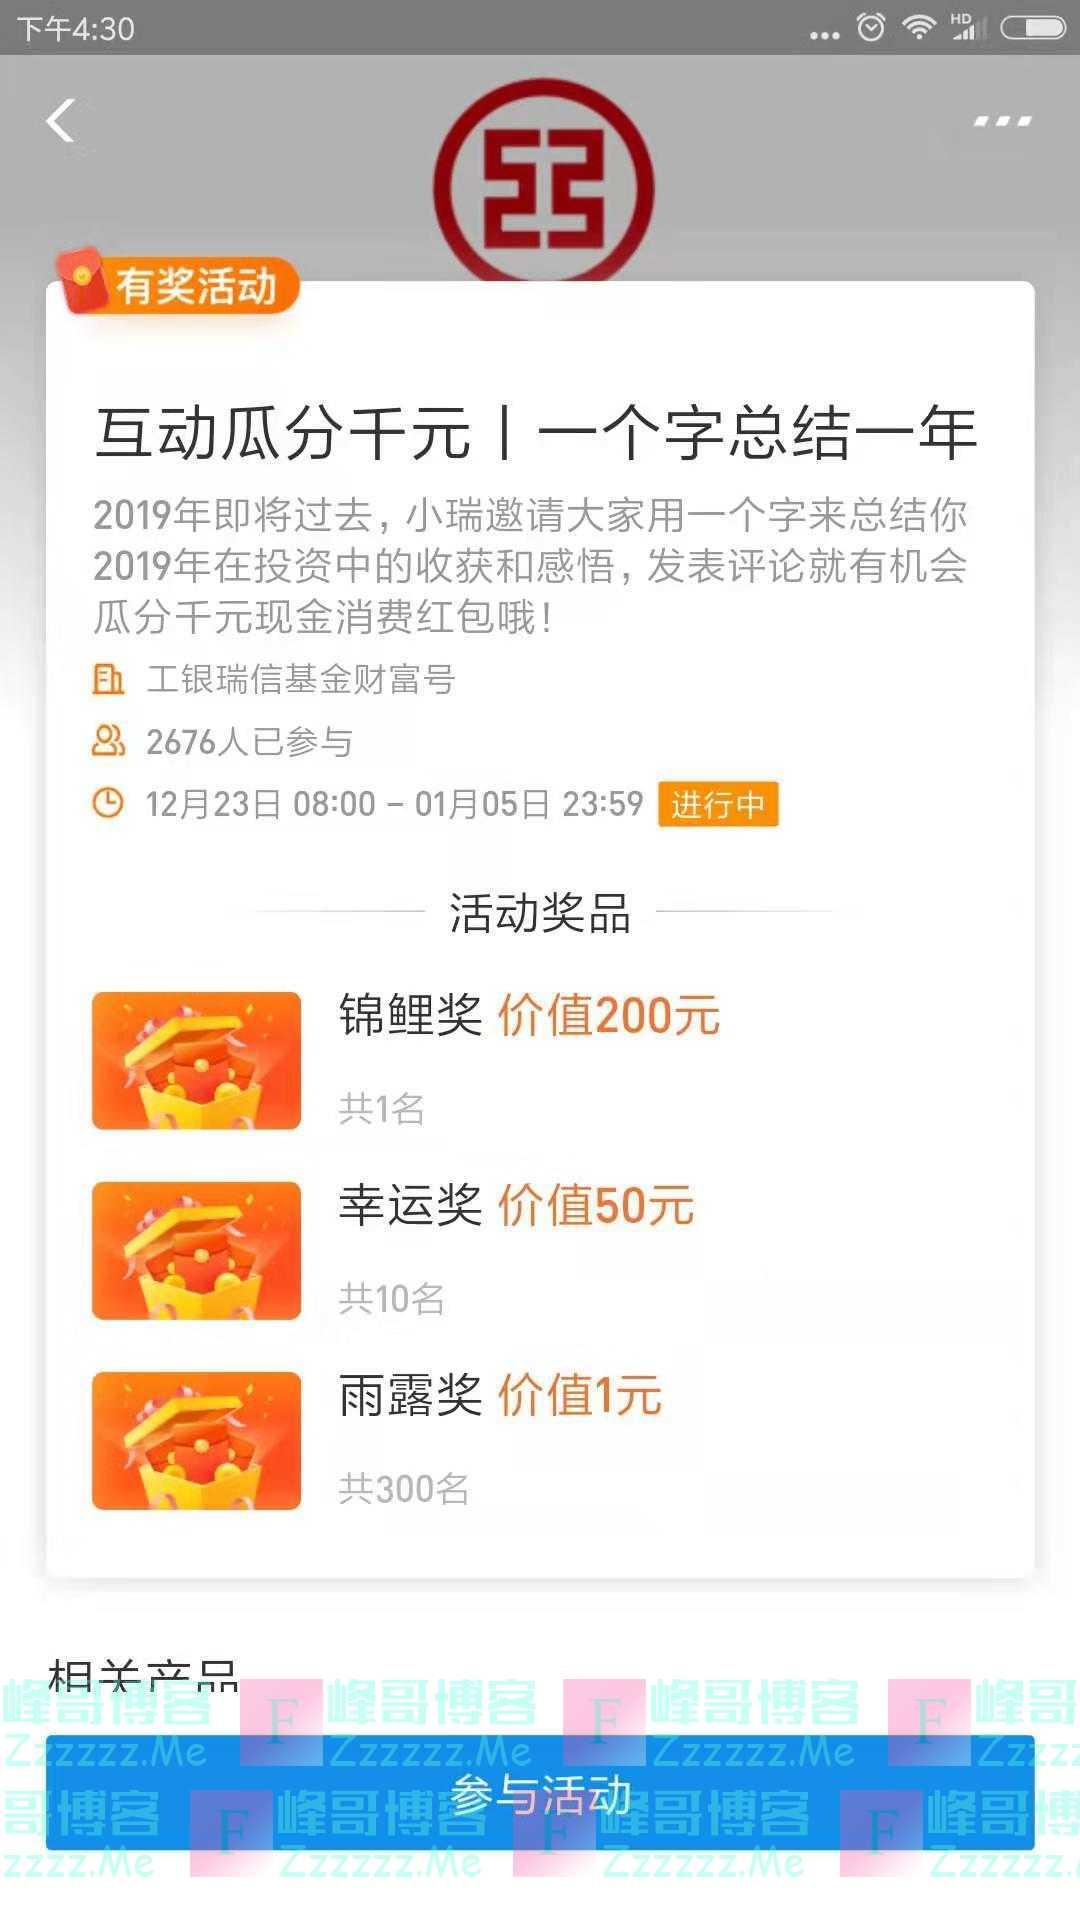 工银瑞信基金互动瓜分千元 一个字总结一年(截止1月5日)